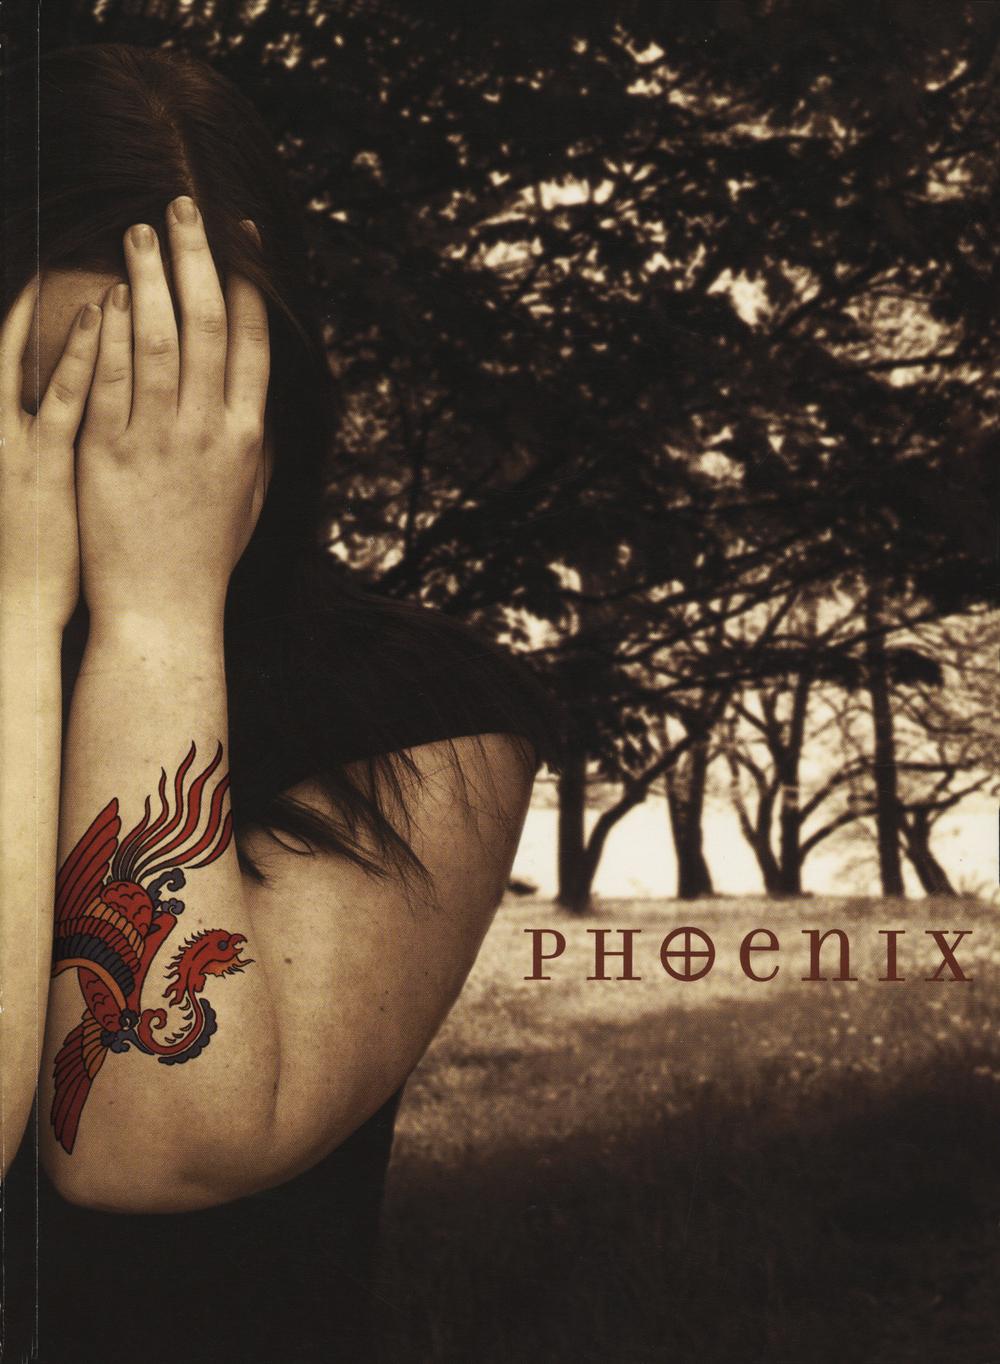 PHOENIX 2006